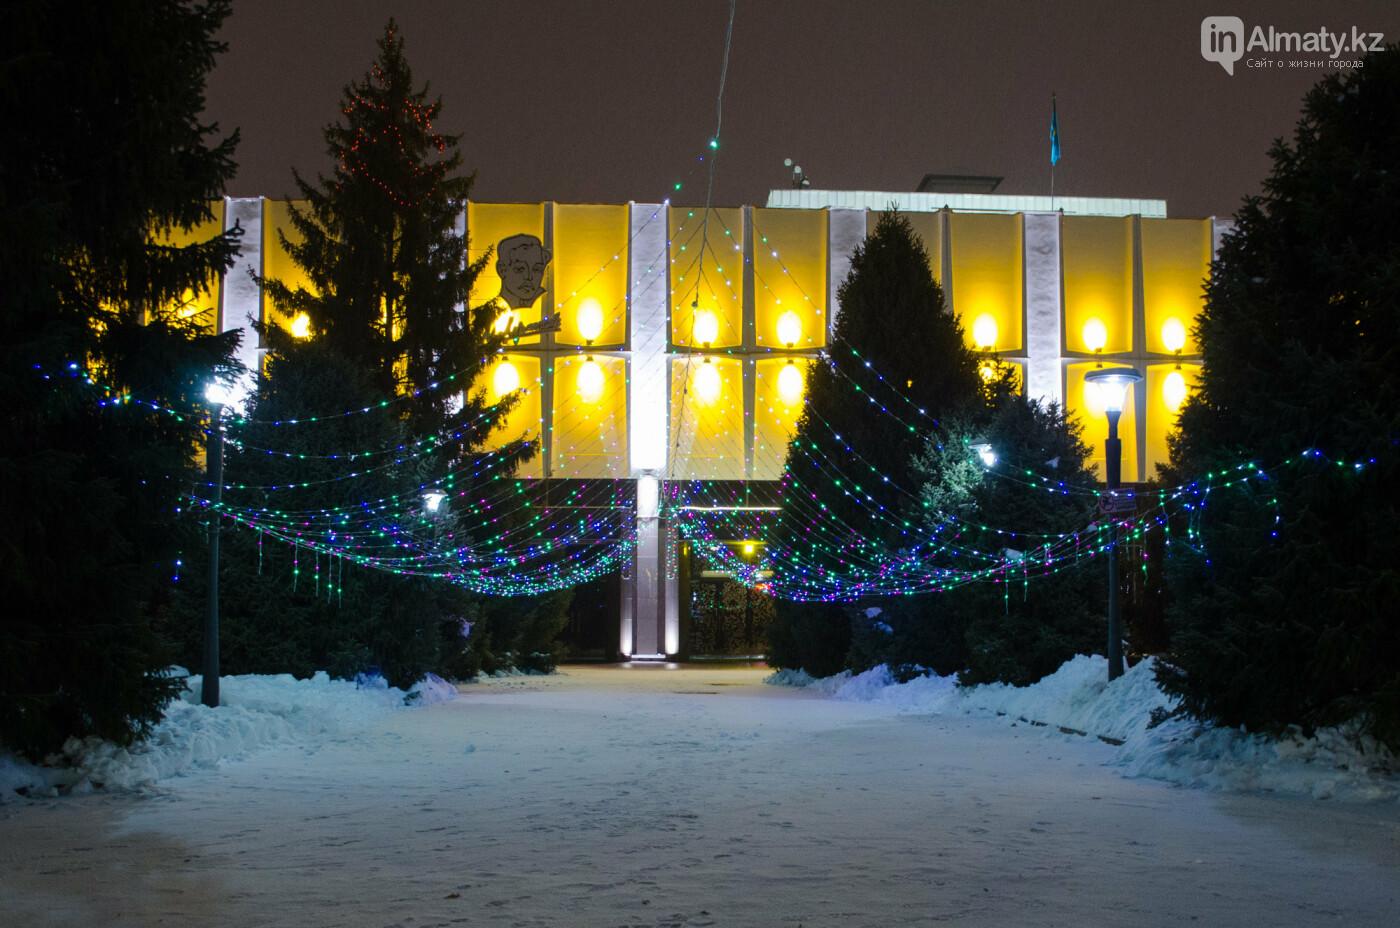 Как украшен центр Алматы к Новому году (фото), фото-14